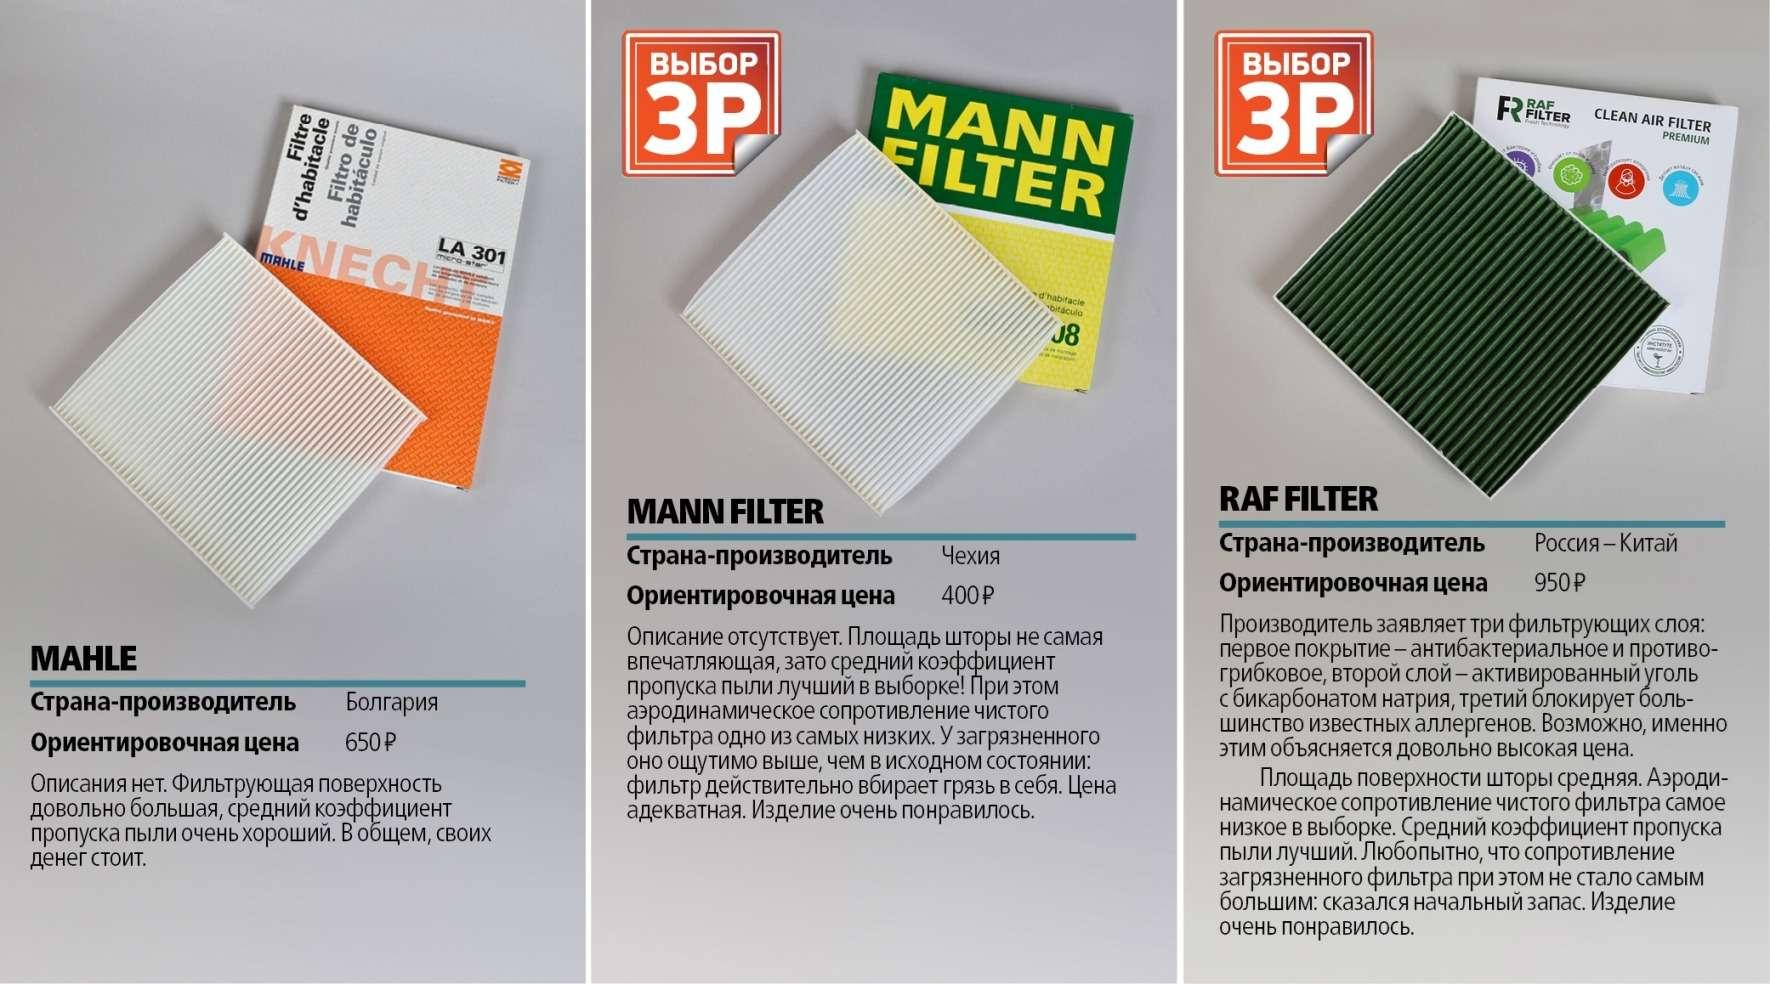 Экспертиза ЗР: исследуем салонные фильтры— фото 609997